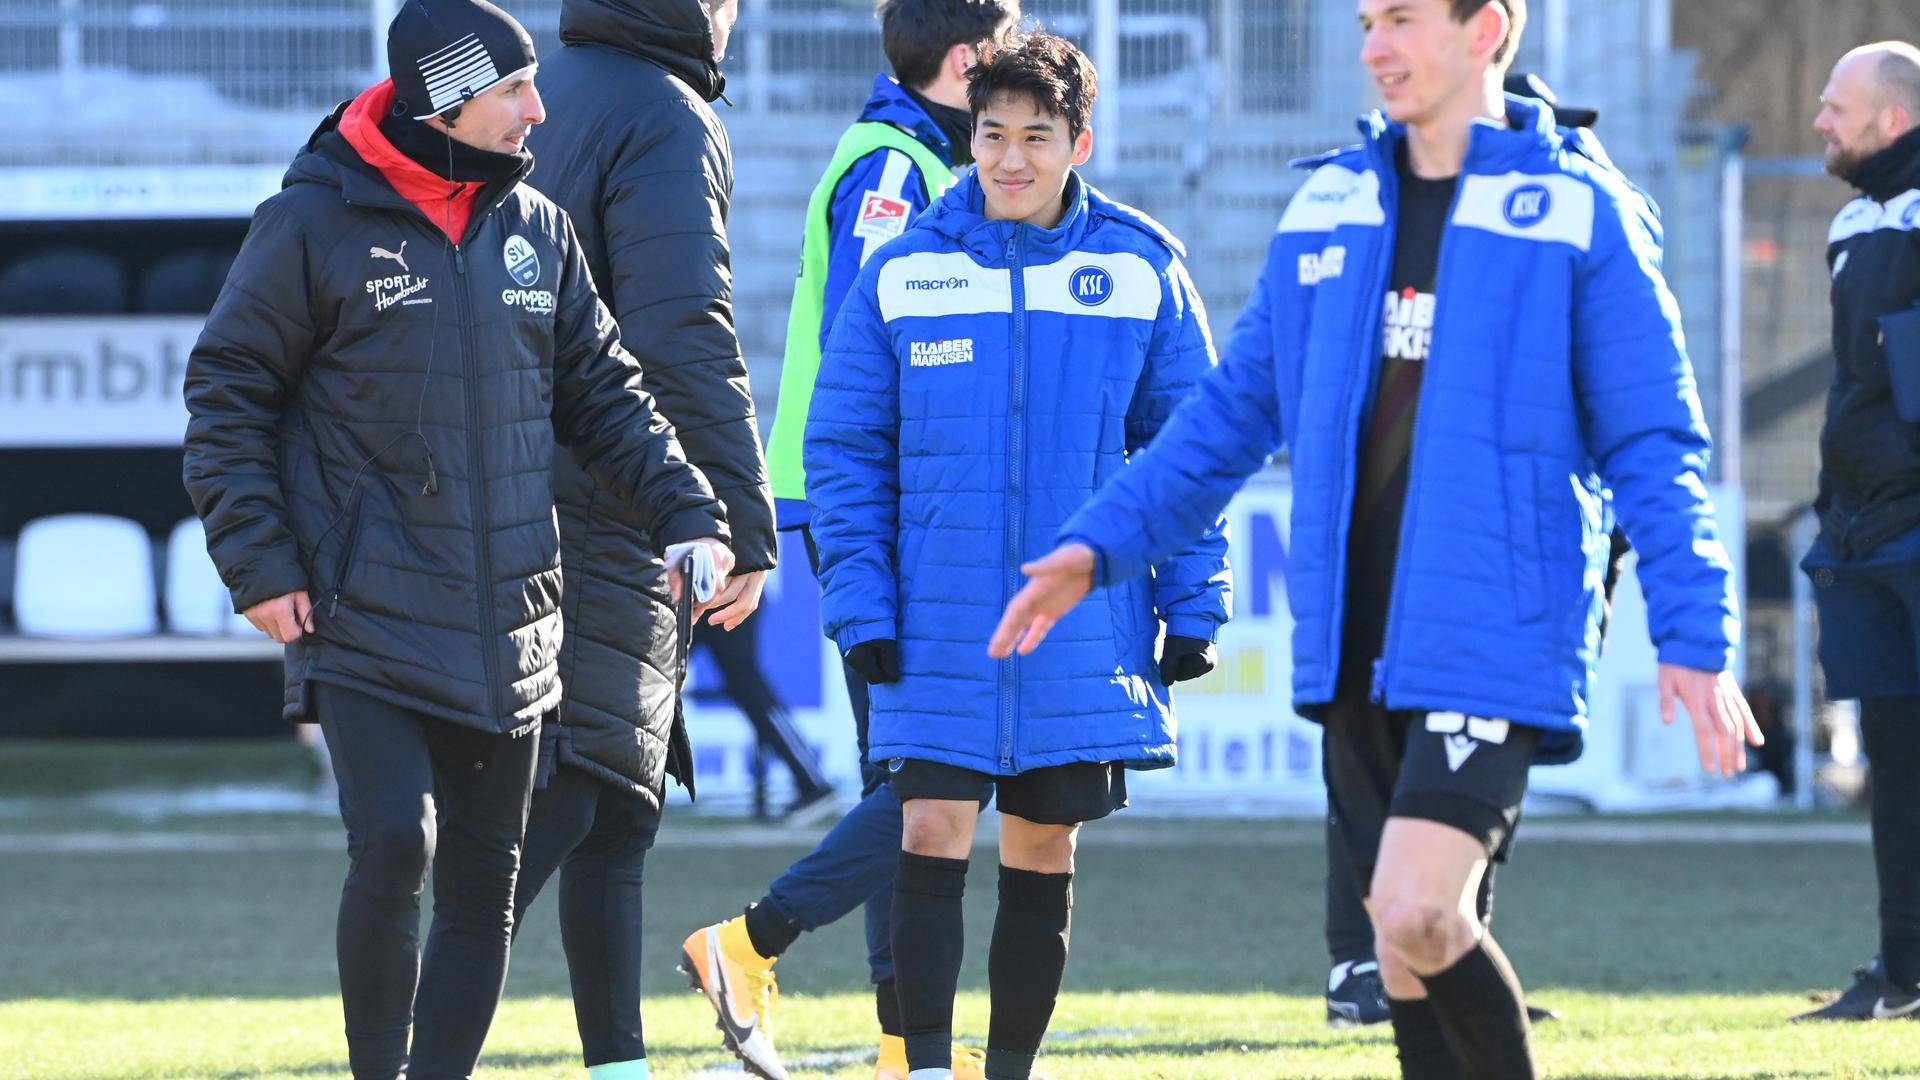 Glücklich nach Spielende: Karlsruhes Doppel-Torschütze Kyoung-Rok Choi verlässt nach dem 3:2-Sieg seiner Mannschaft in Sandhausen den Ort des Geschehens.